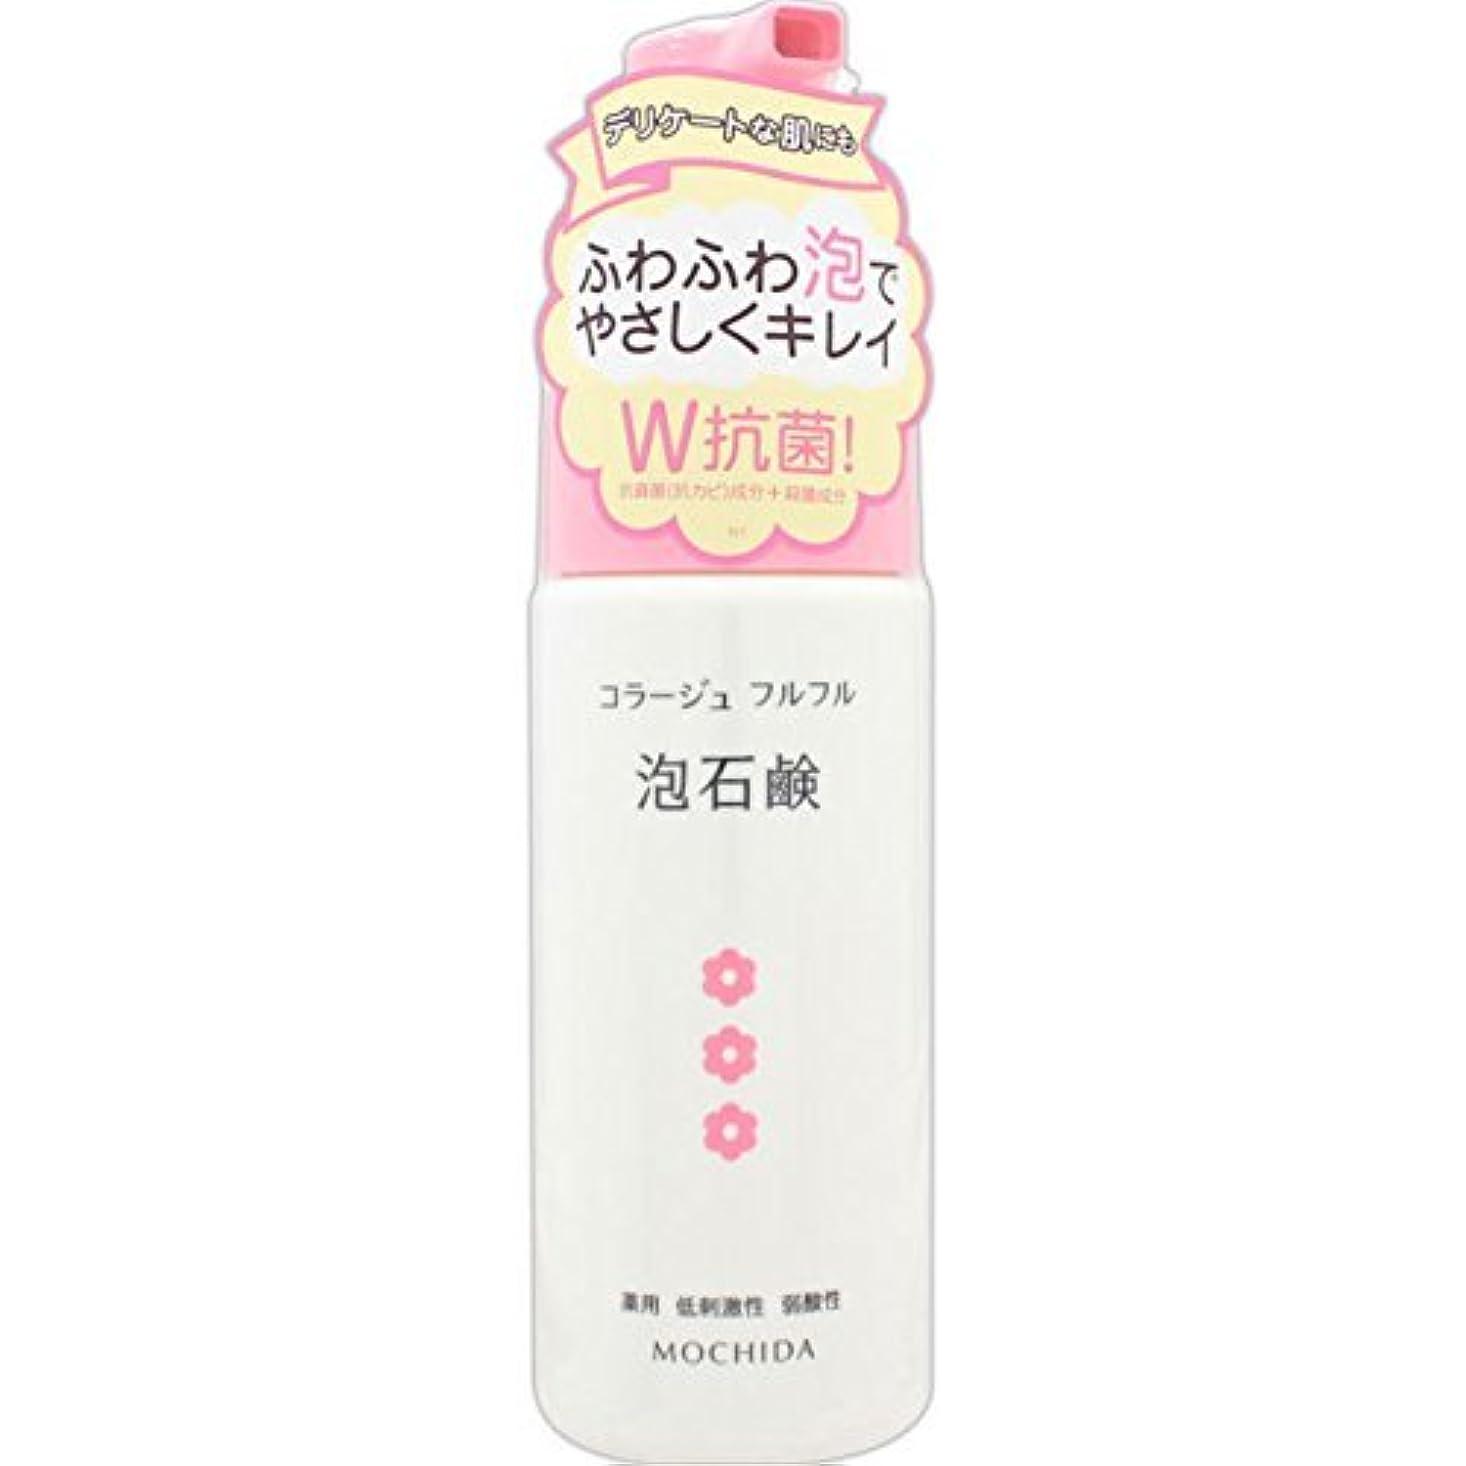 補助本質的ではない水銀のコラージュフルフル 泡石鹸 ピンク 150mL (医薬部外品) ×3